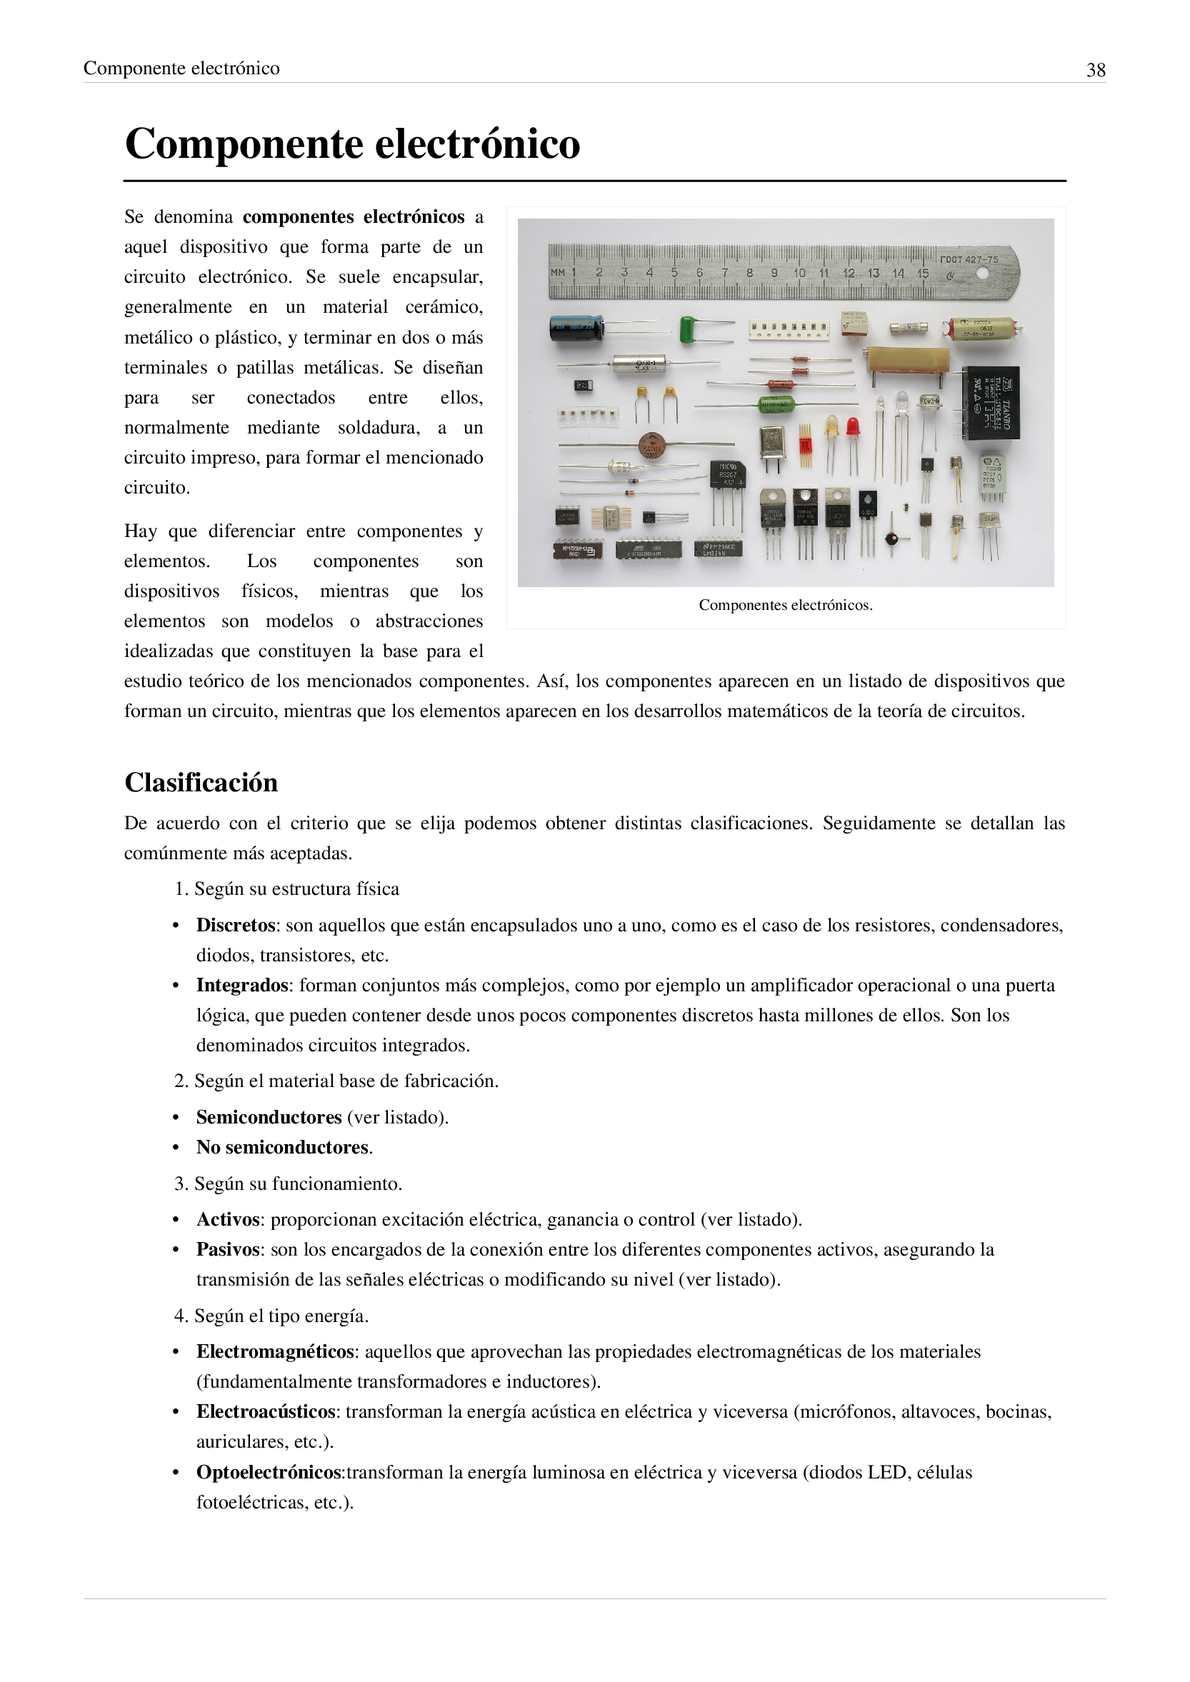 Circuito And : Circuito eléctrico calameo downloader